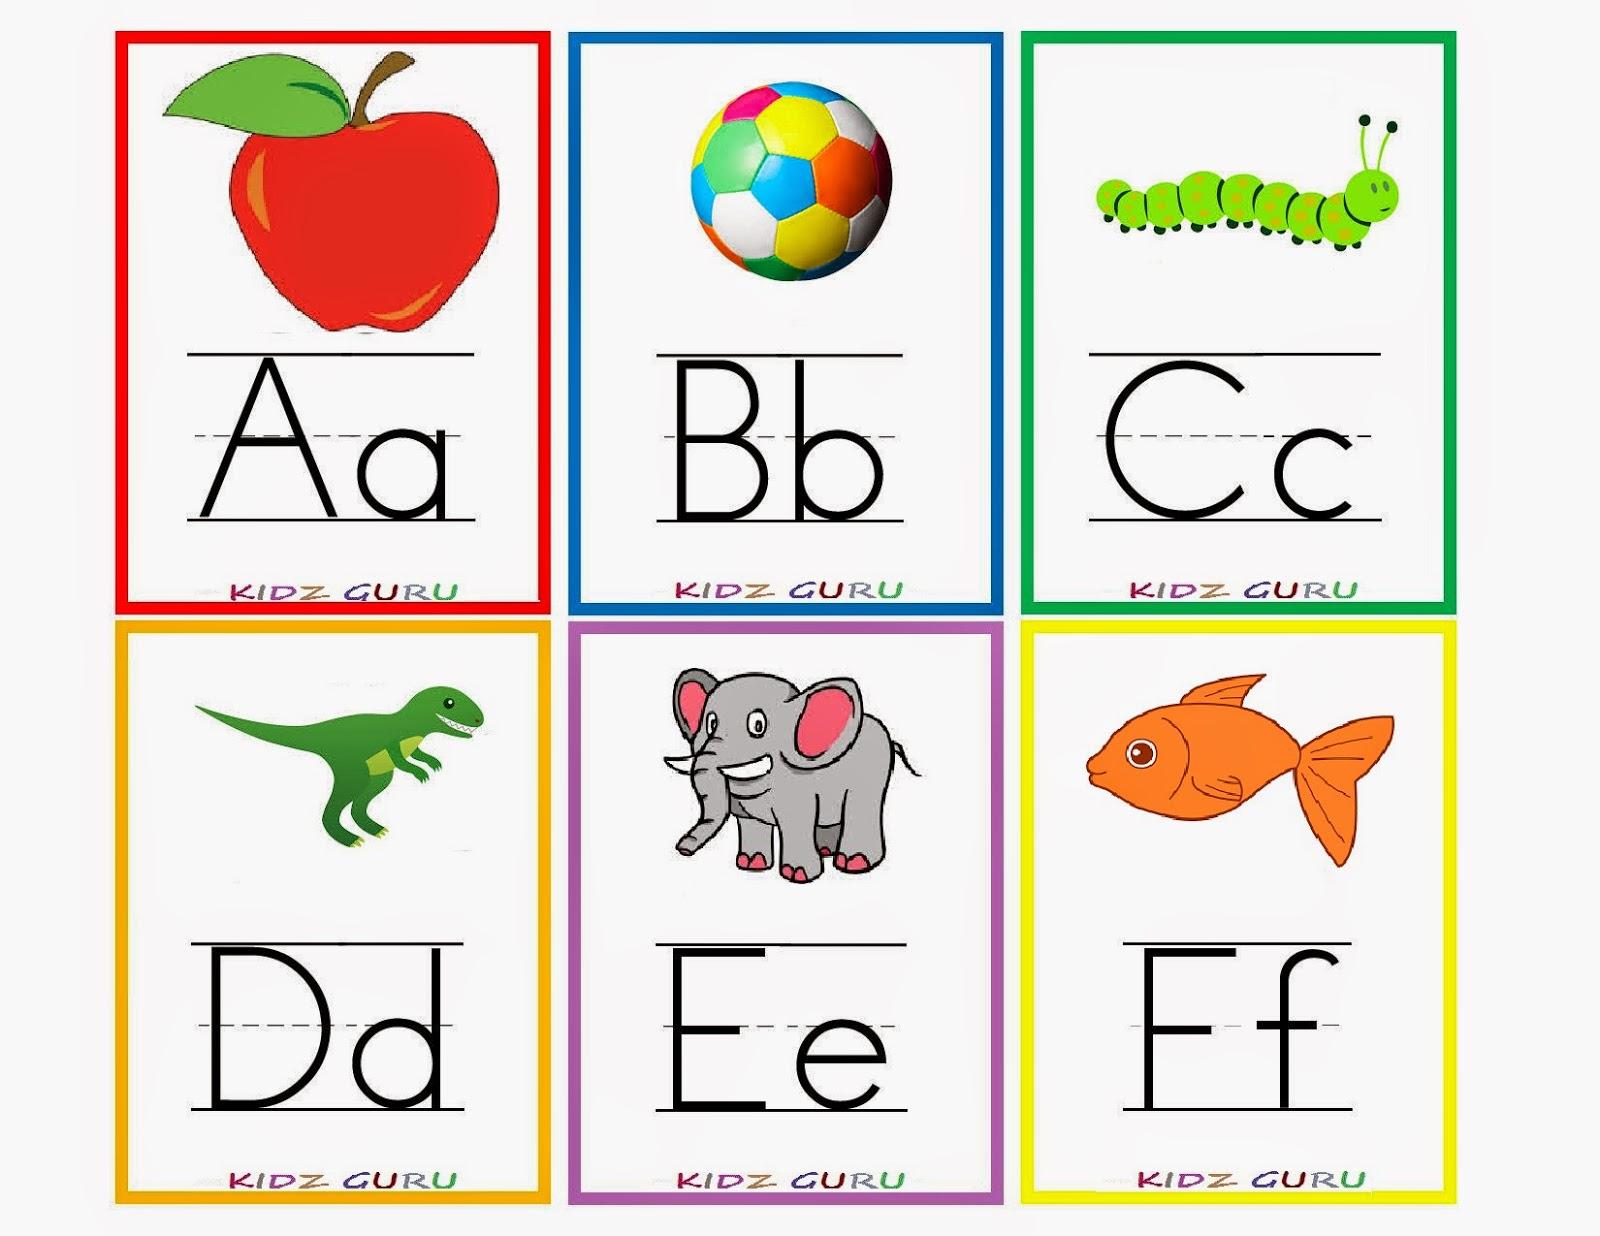 Kindergarten Worksheets: Printable Worksheets - Alphabet Flash Cards - Free Printable Alphabet Flash Cards